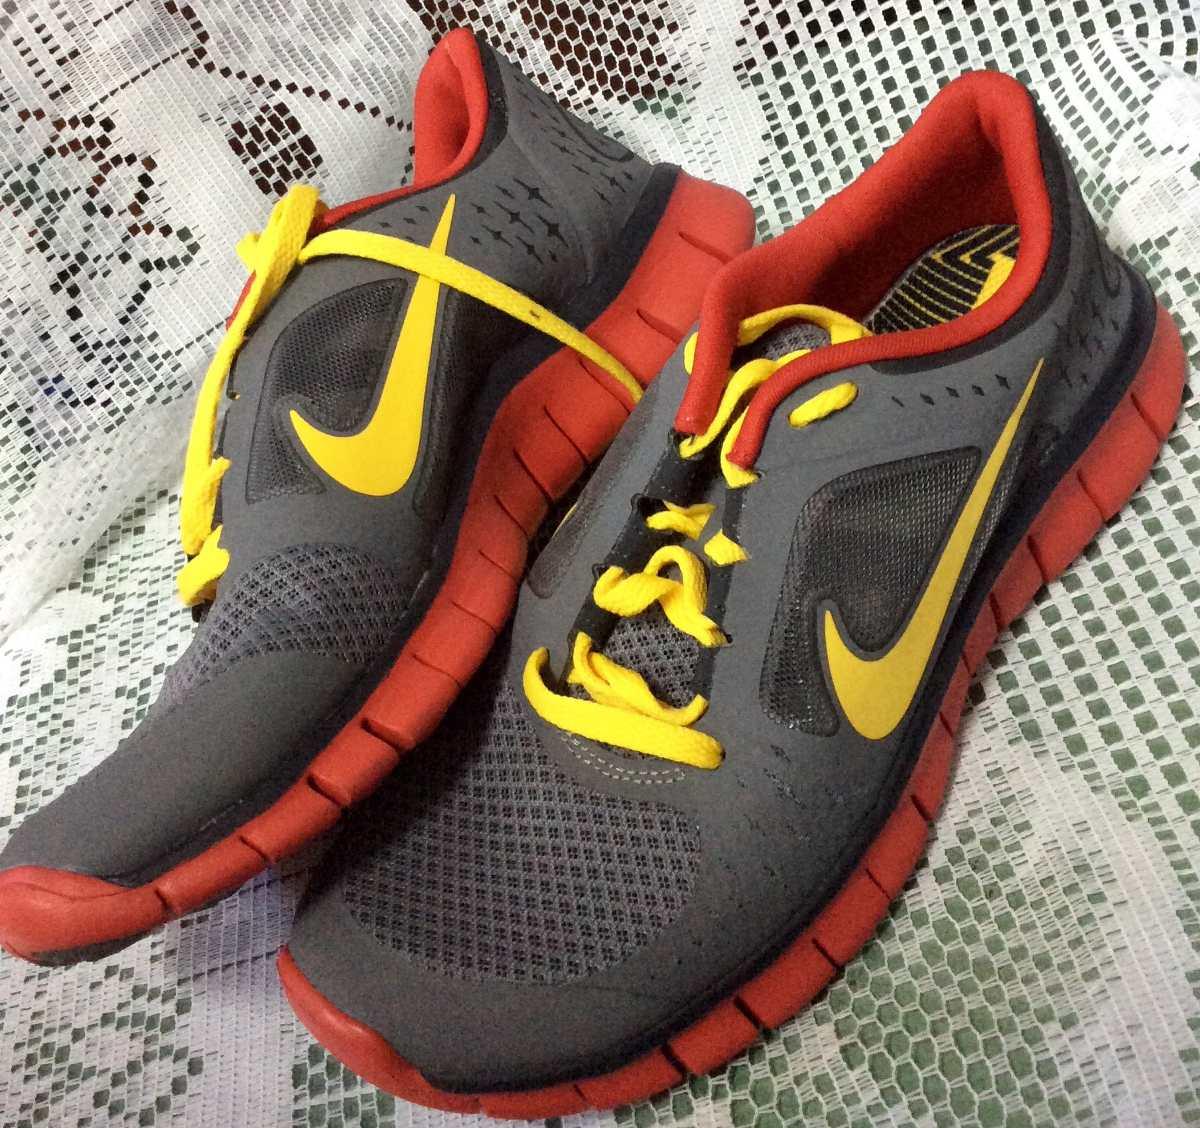 ec4c0faba3fae Zapatos Nike De Mujer Deportivos Originales Livestrong - Bs. 150.000 ...